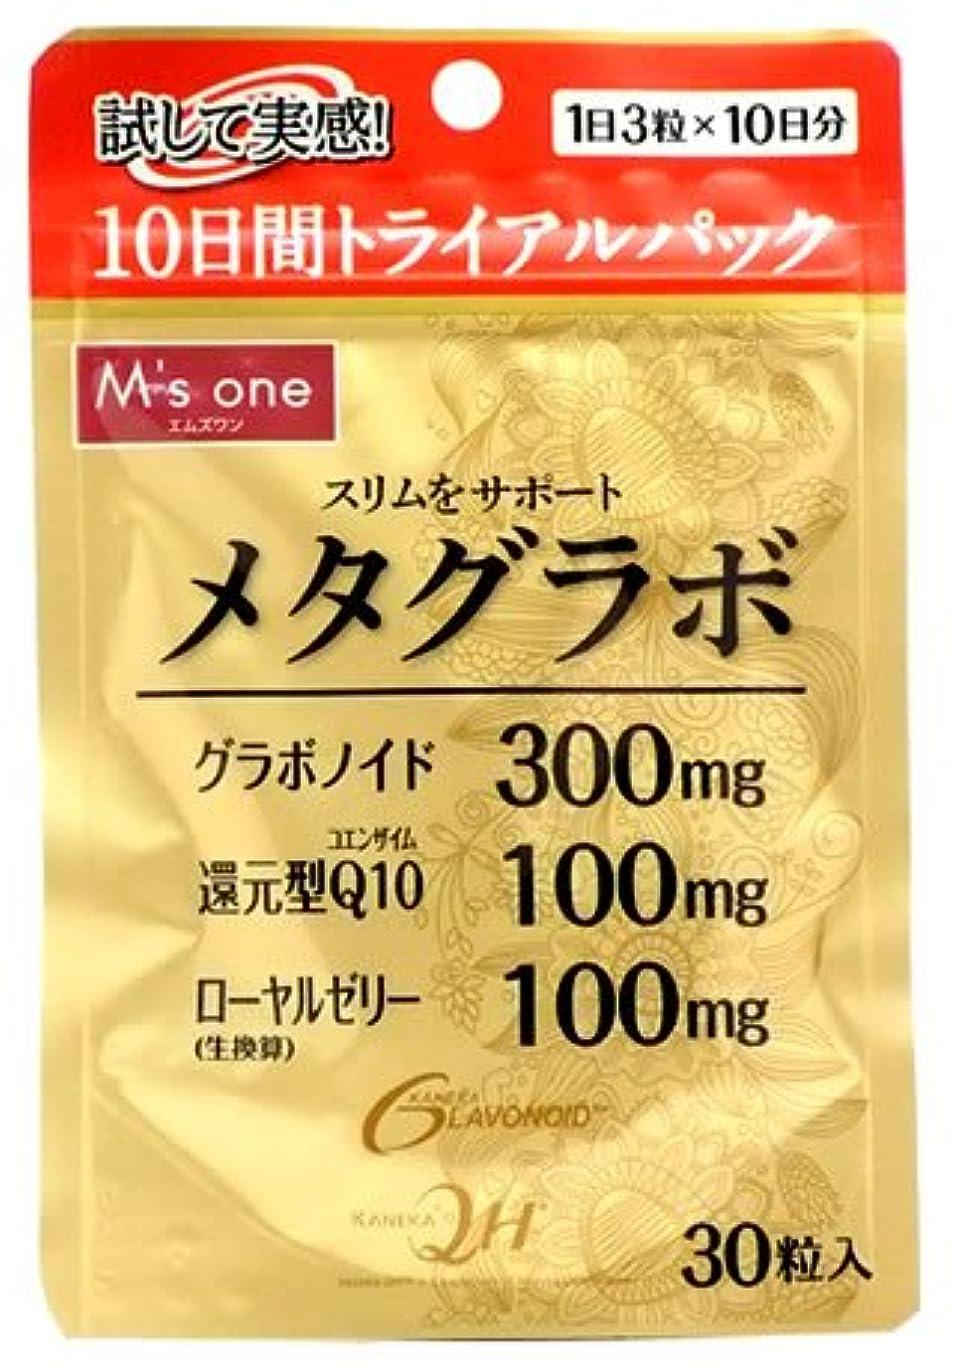 に慣れ約束する損傷エムズワン メタグラボ ダイエットサプリ グラボノイド 10日分 (30粒入) トライアルパック